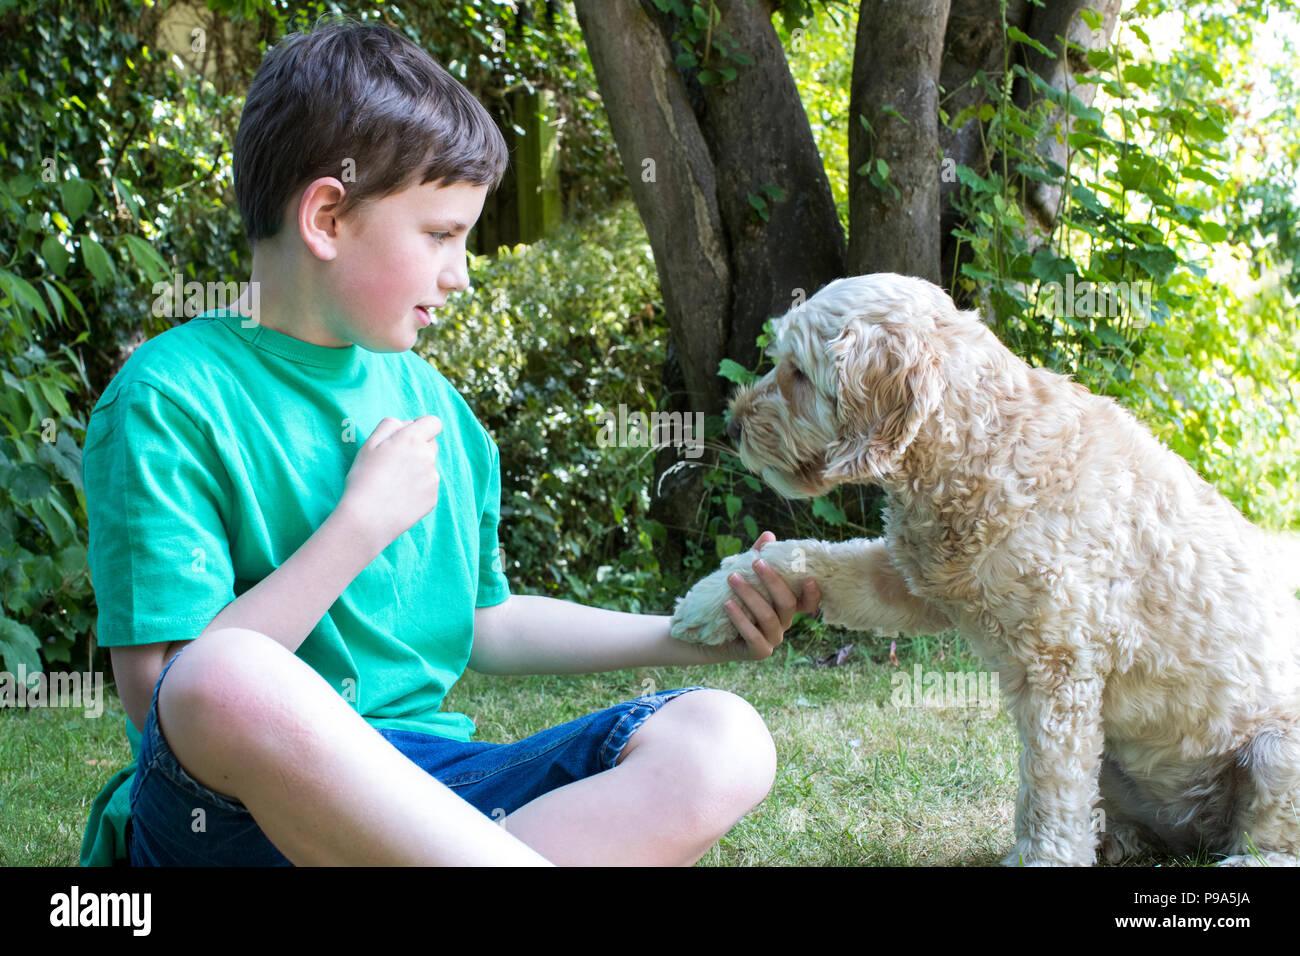 Junge Lehre Haustier Hund Tricks im Garten zu Hause Stockbild